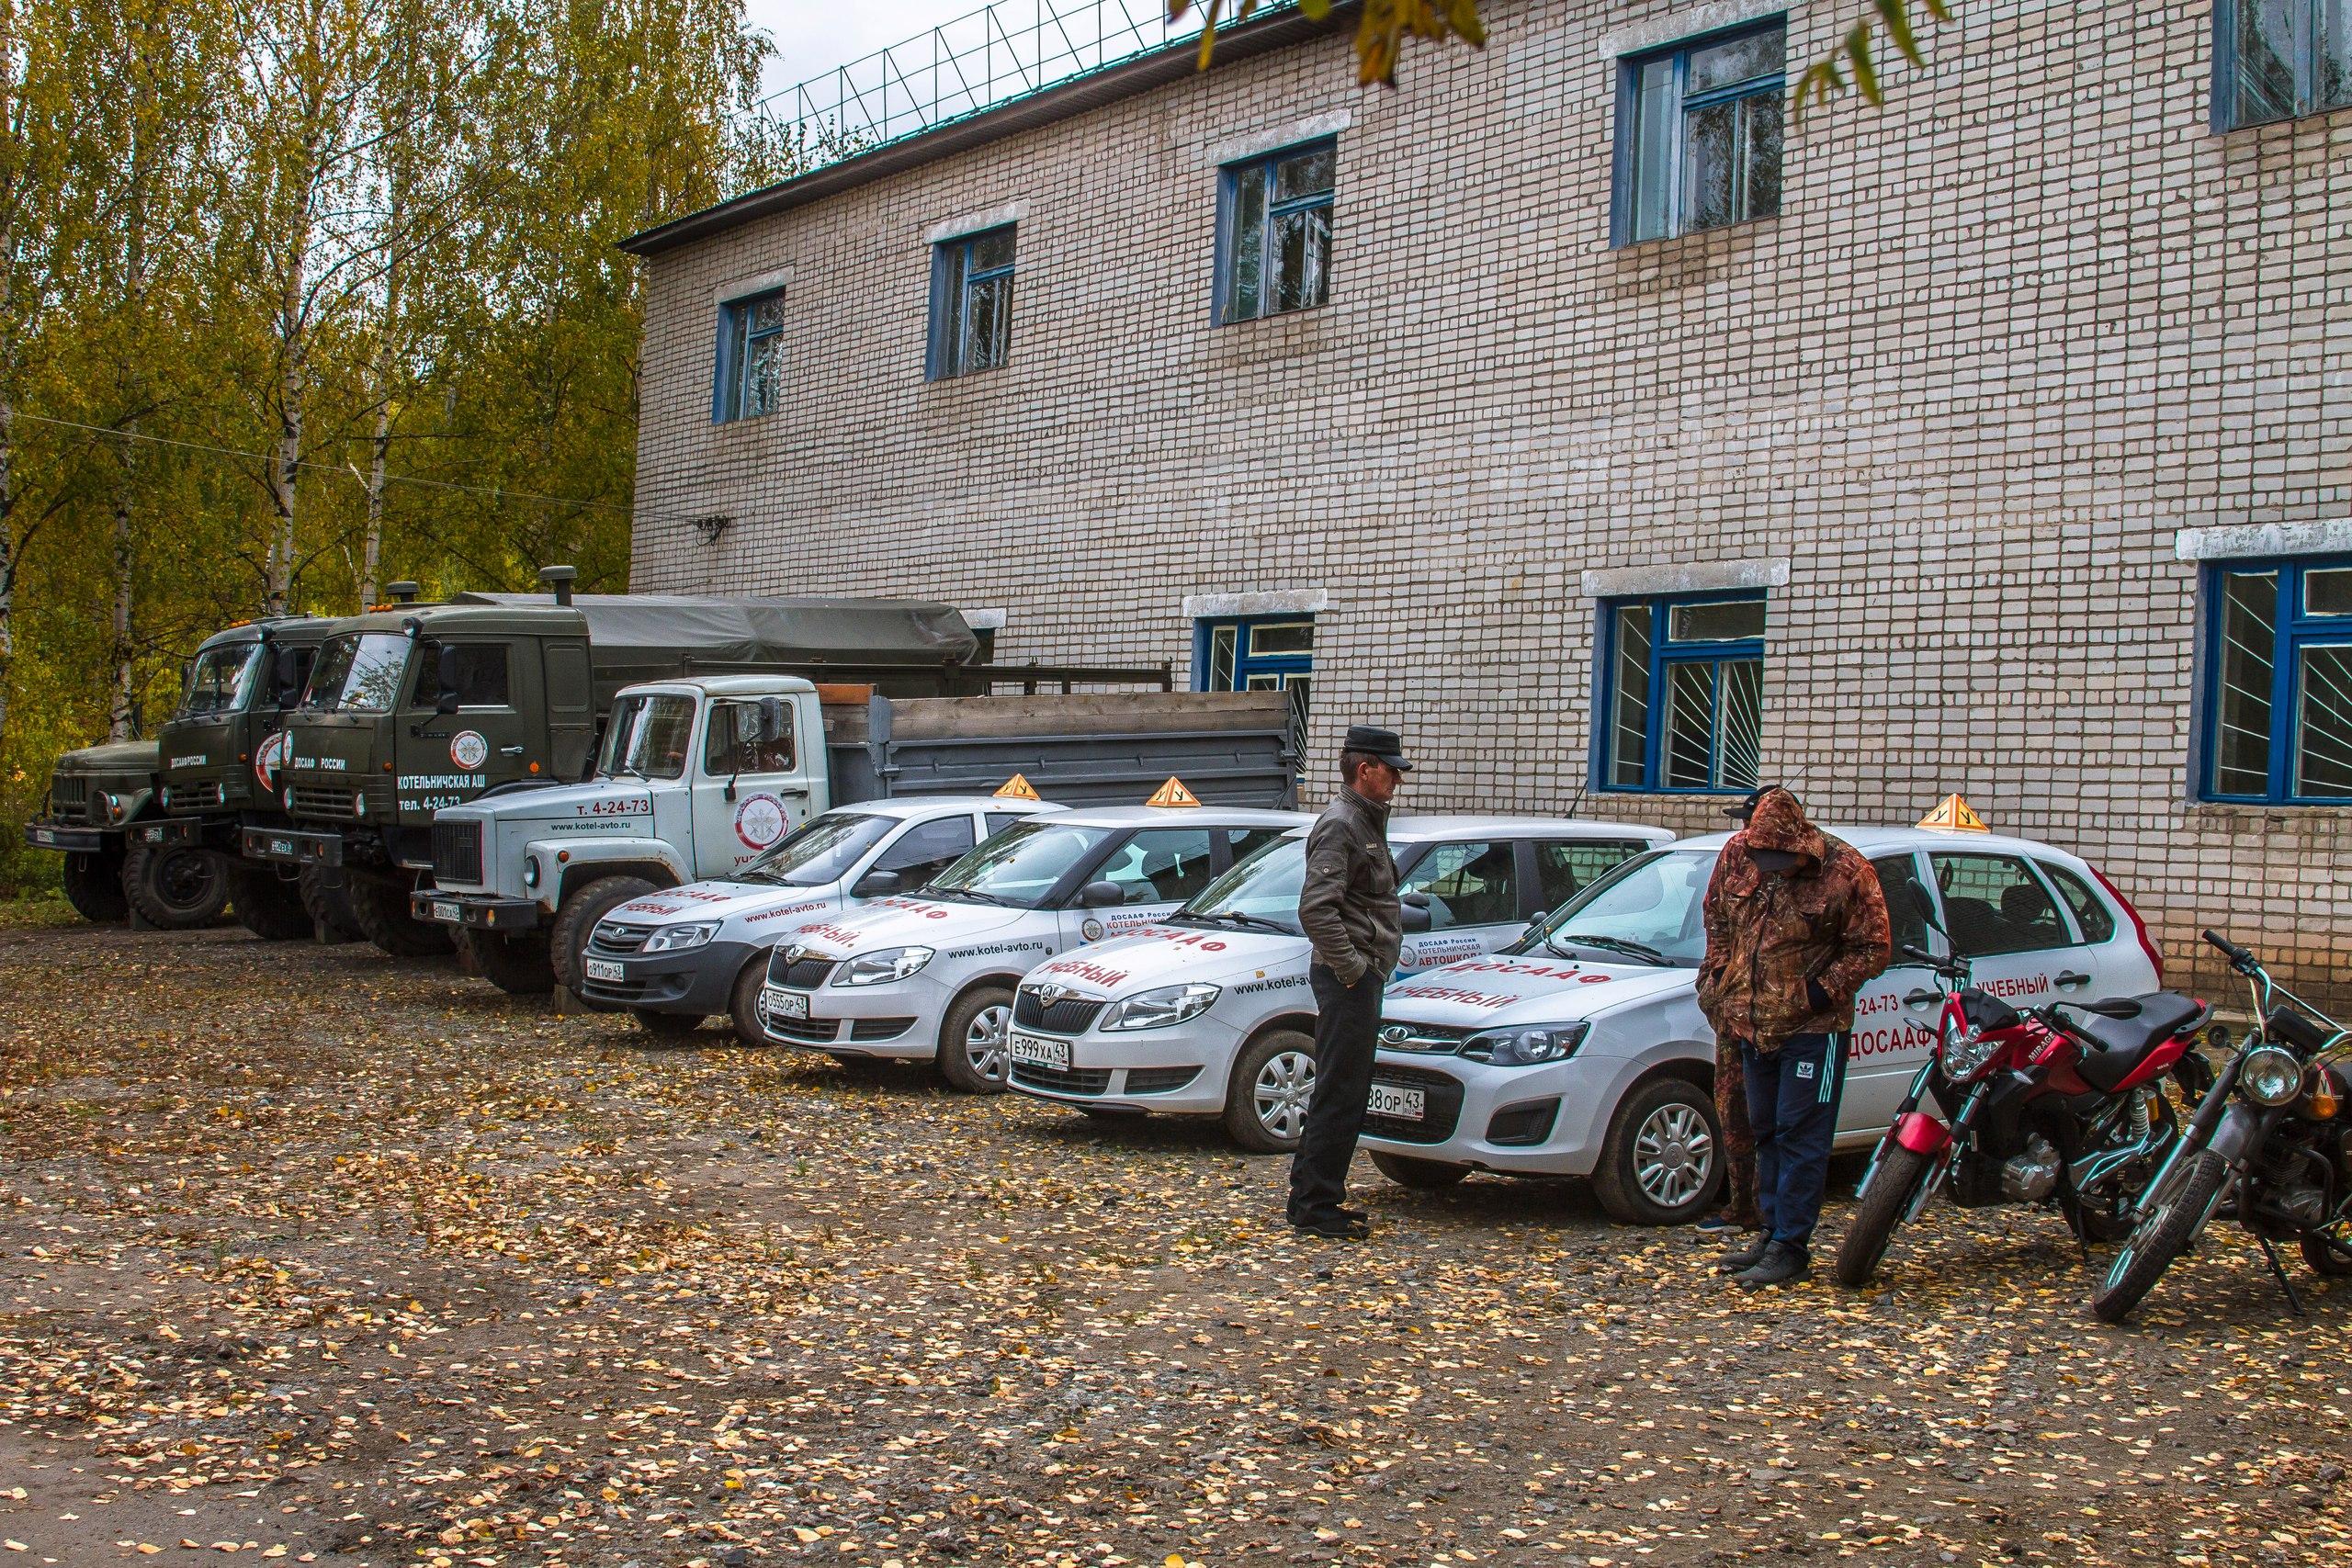 Новости 30 сентября 2017 года в Котельничской автошколе ДОСААФ России состоялся День открытых дверей Мероприятие было приурочено ко Дню создания автошколы